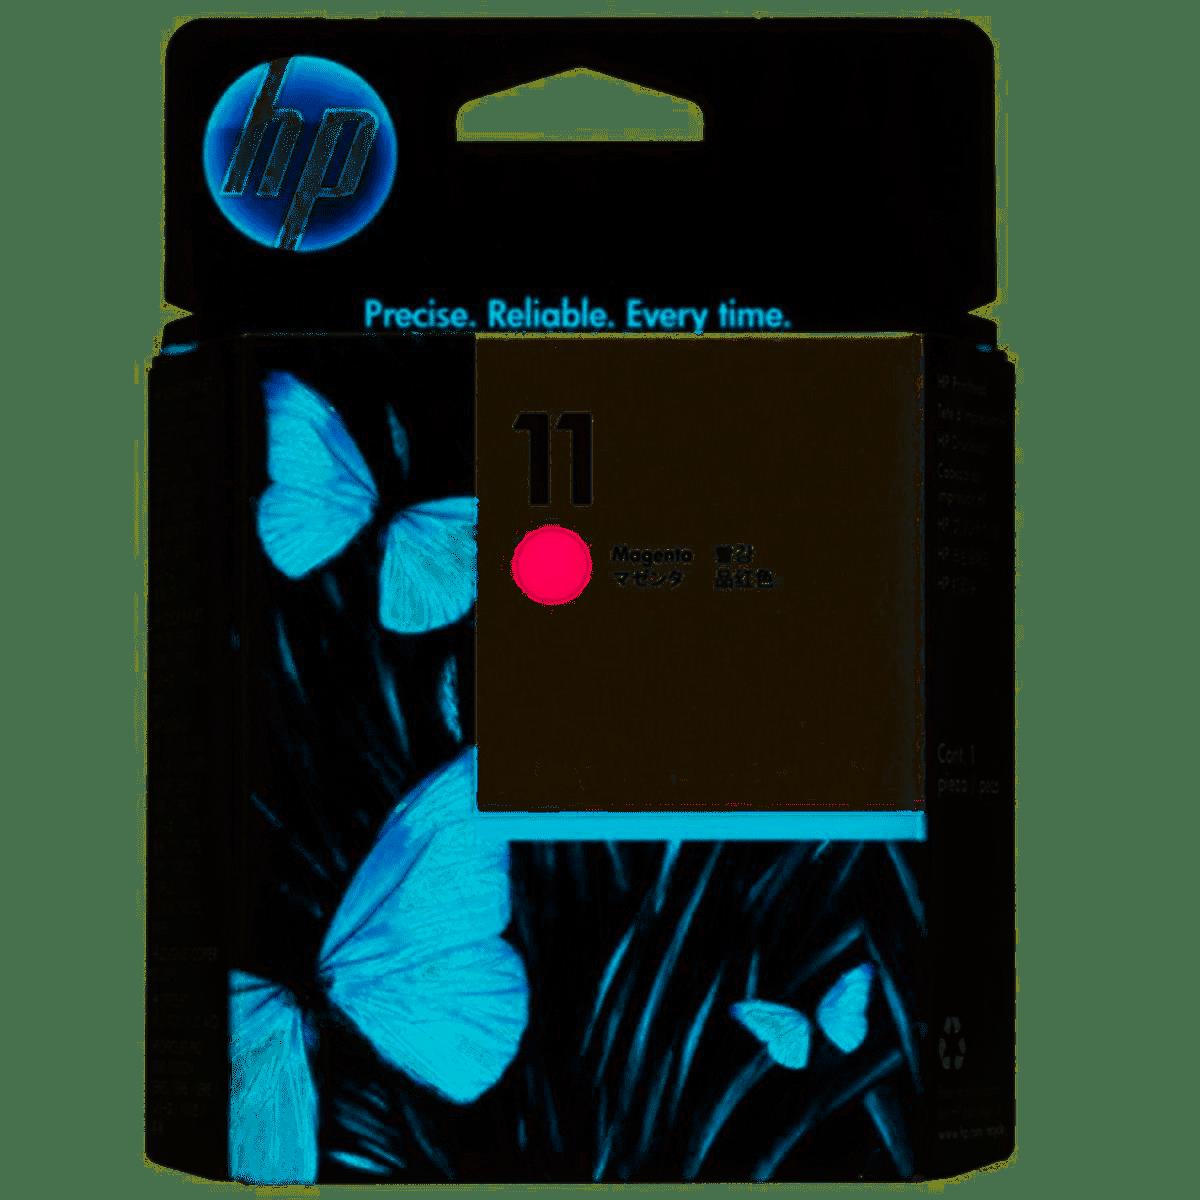 Cabeça de impressão HP 11 Original  C4812A Magenta